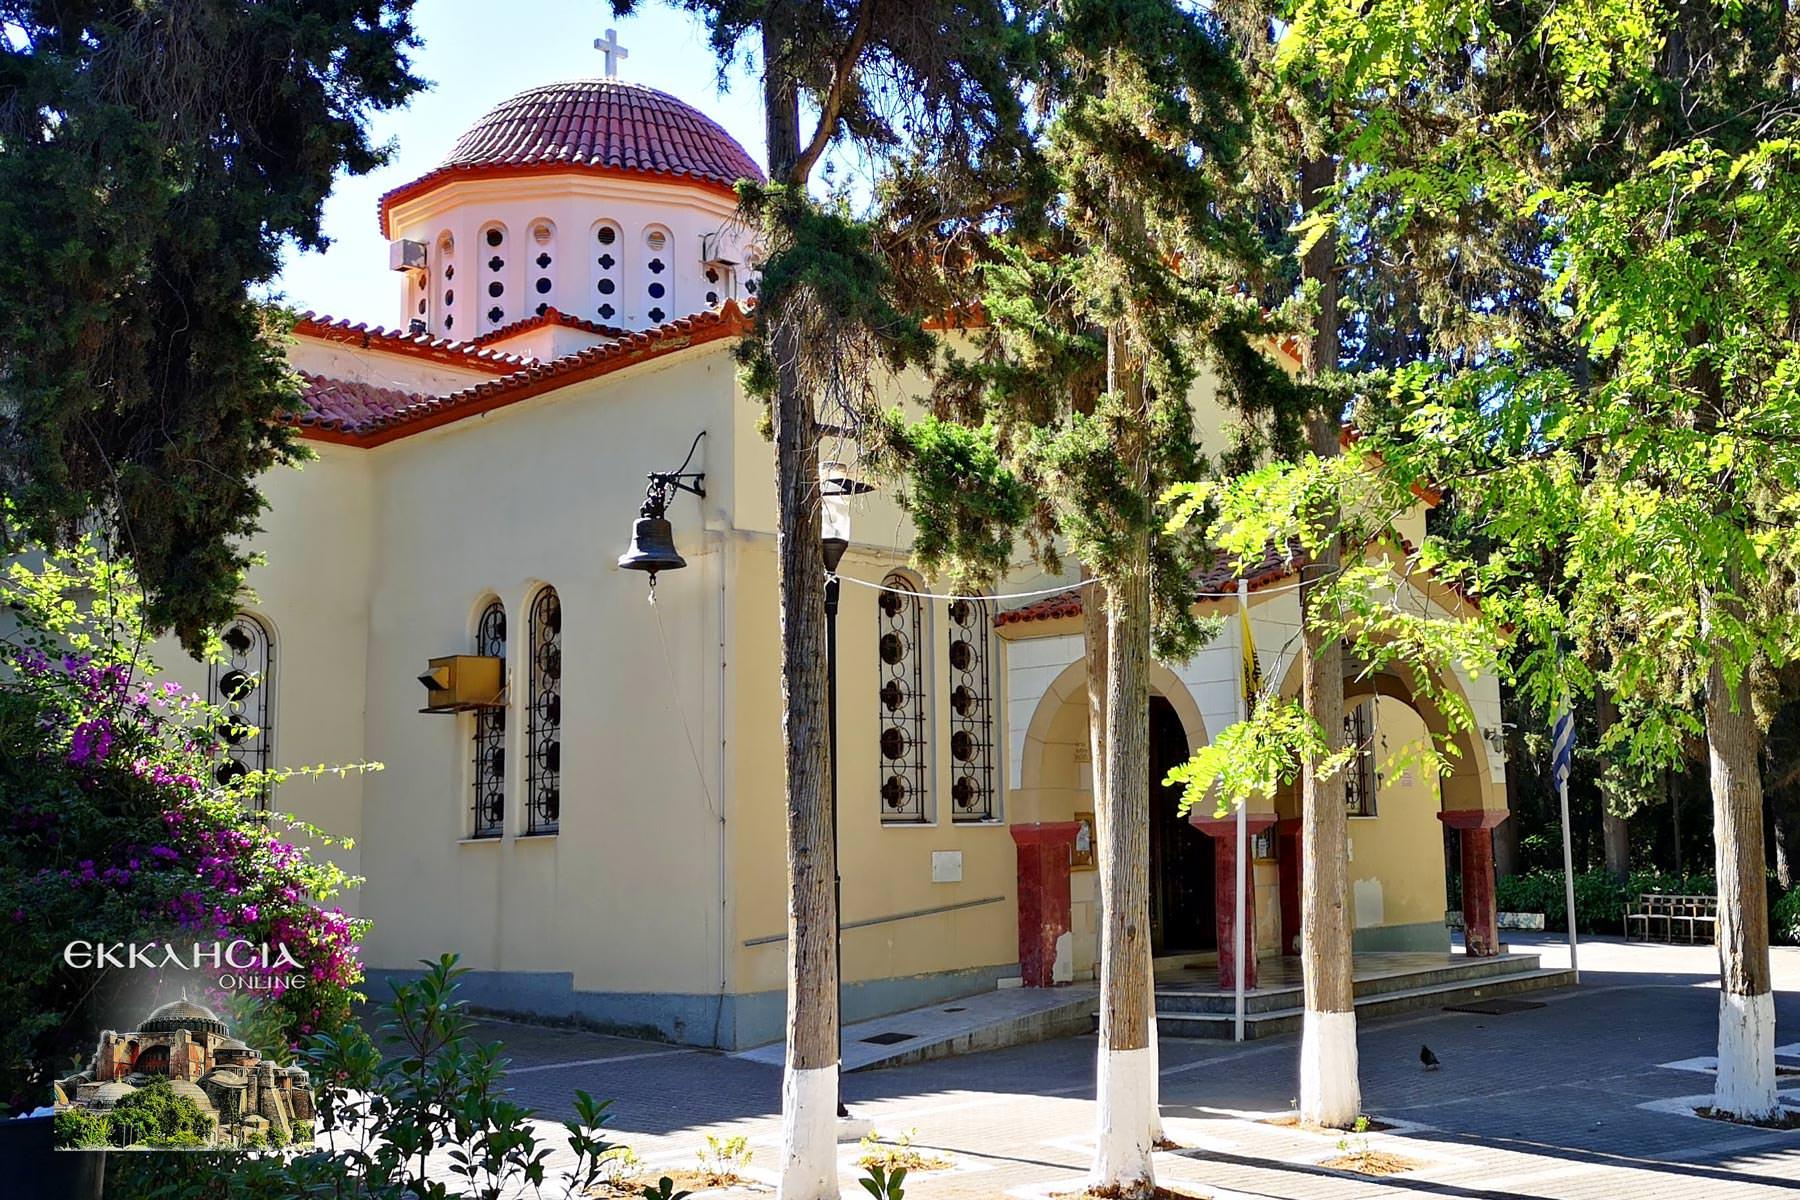 Έκκληση για αποκατάσταση της ιστορικής Εκκλησίας Αγίου Χαραλάμπους Πολυγώνου - ΕΚΚΛΗΣΙΑ ONLINE